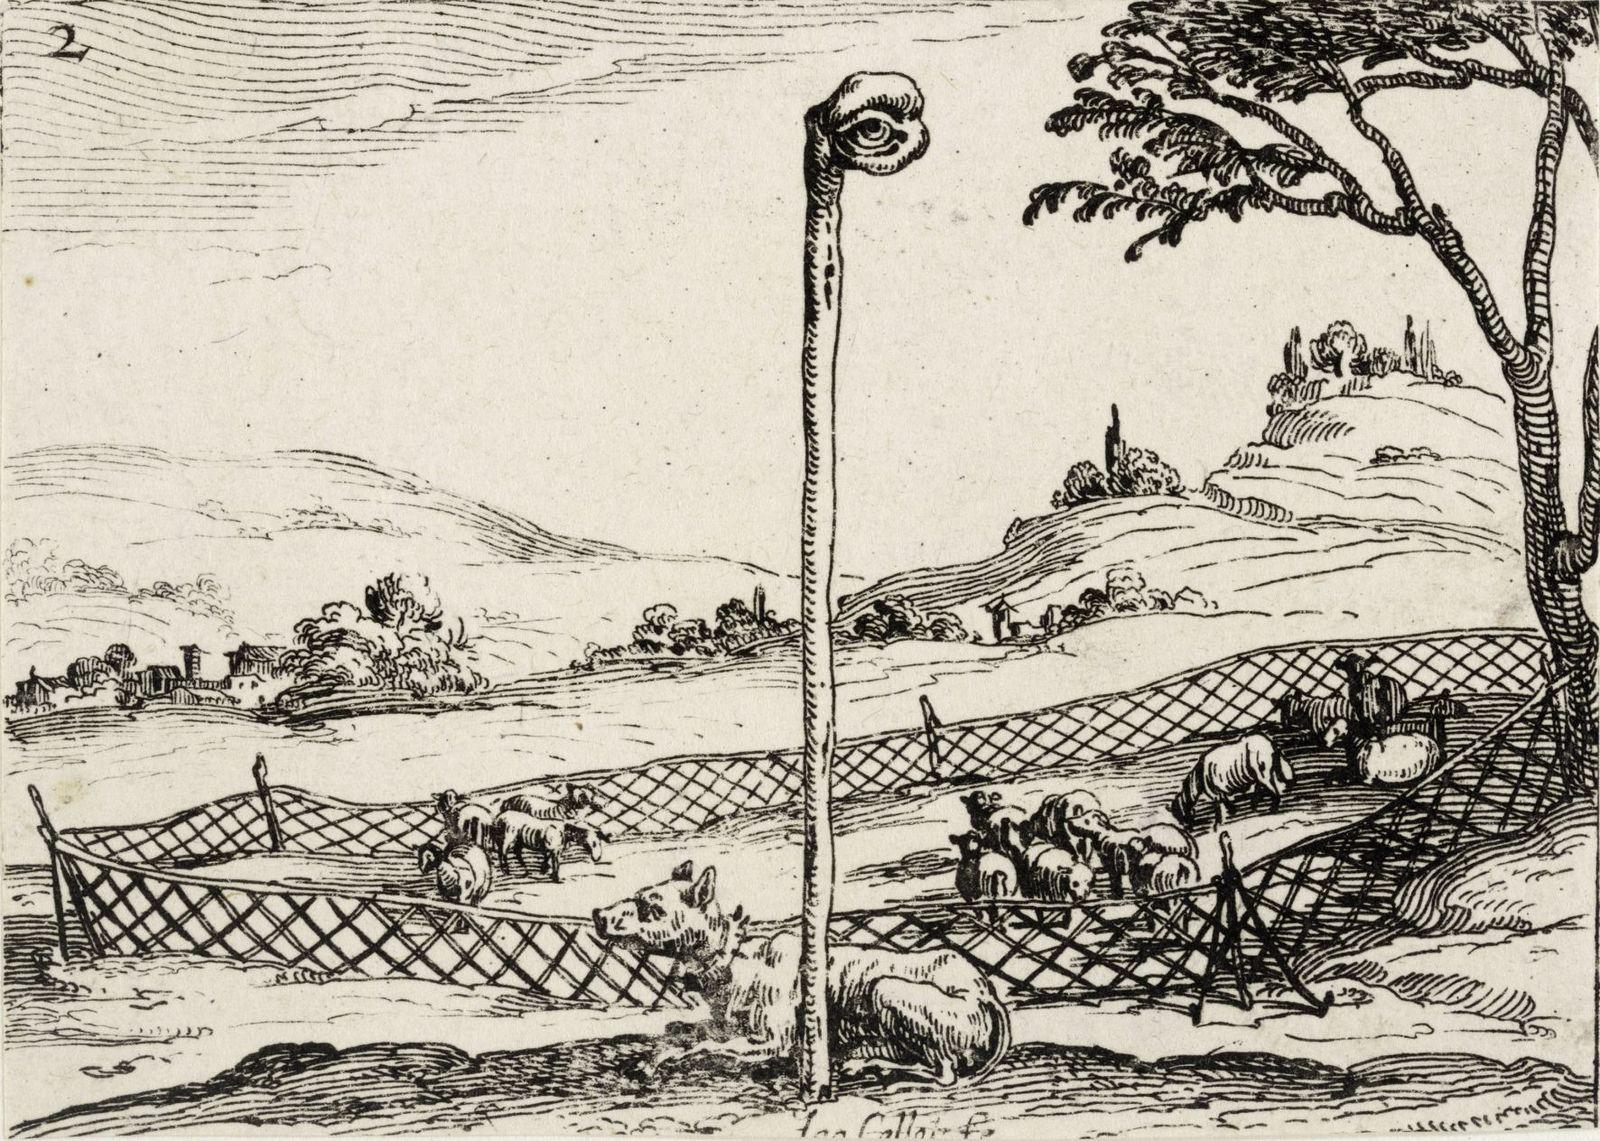 Jacques Callot, Le Ciel veille pour toy (Der Himmel wacht für Dich), 1628, Kupferstich. © Kupferstichkabinett, Staatliche Museen zu Berlin / Foto: Dietmar Katz